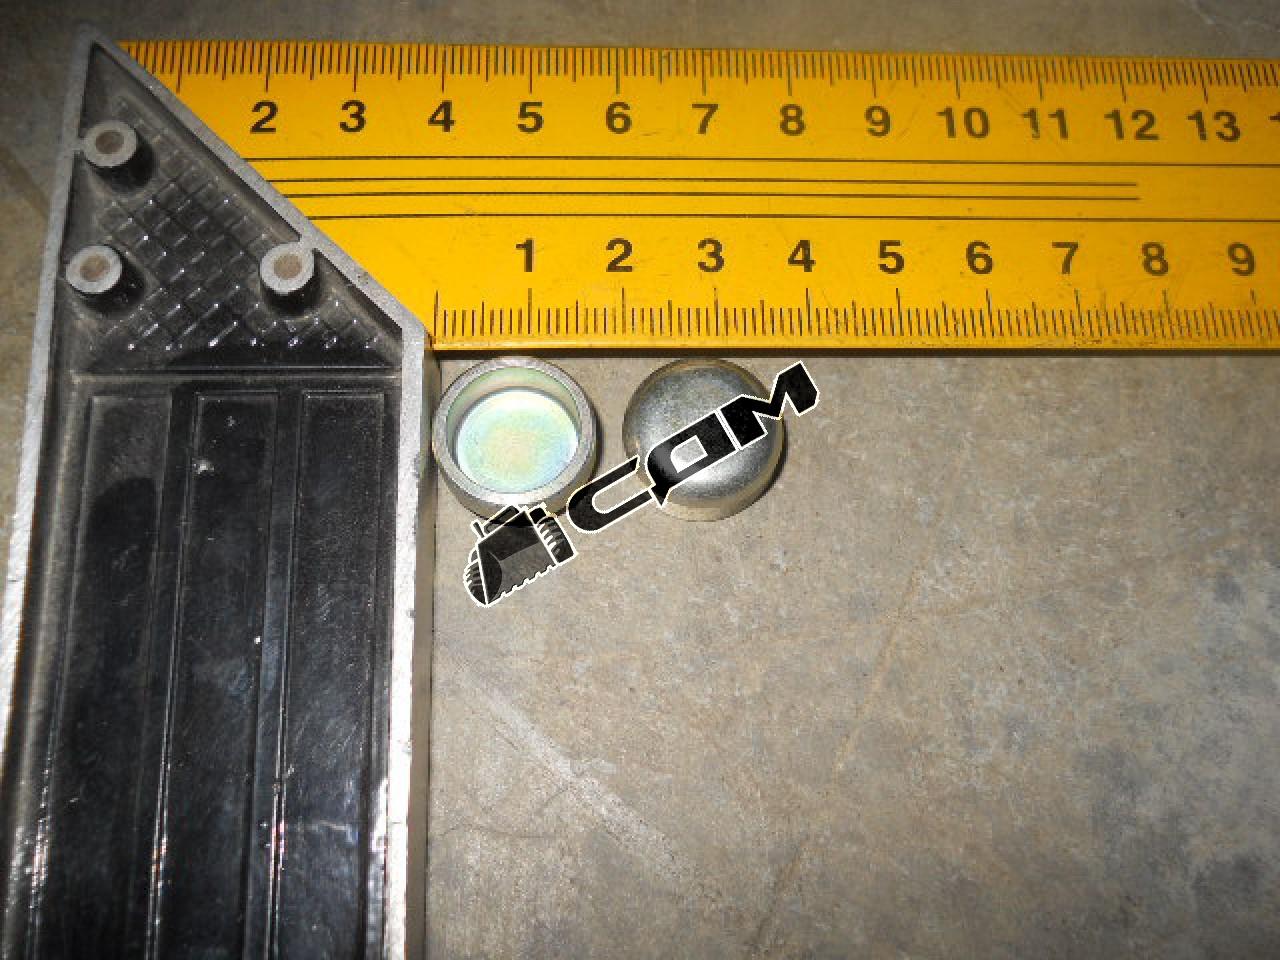 Заглушка чашечная (пробка) блока цилиндров 17х8 (Euro 3)  190003984080